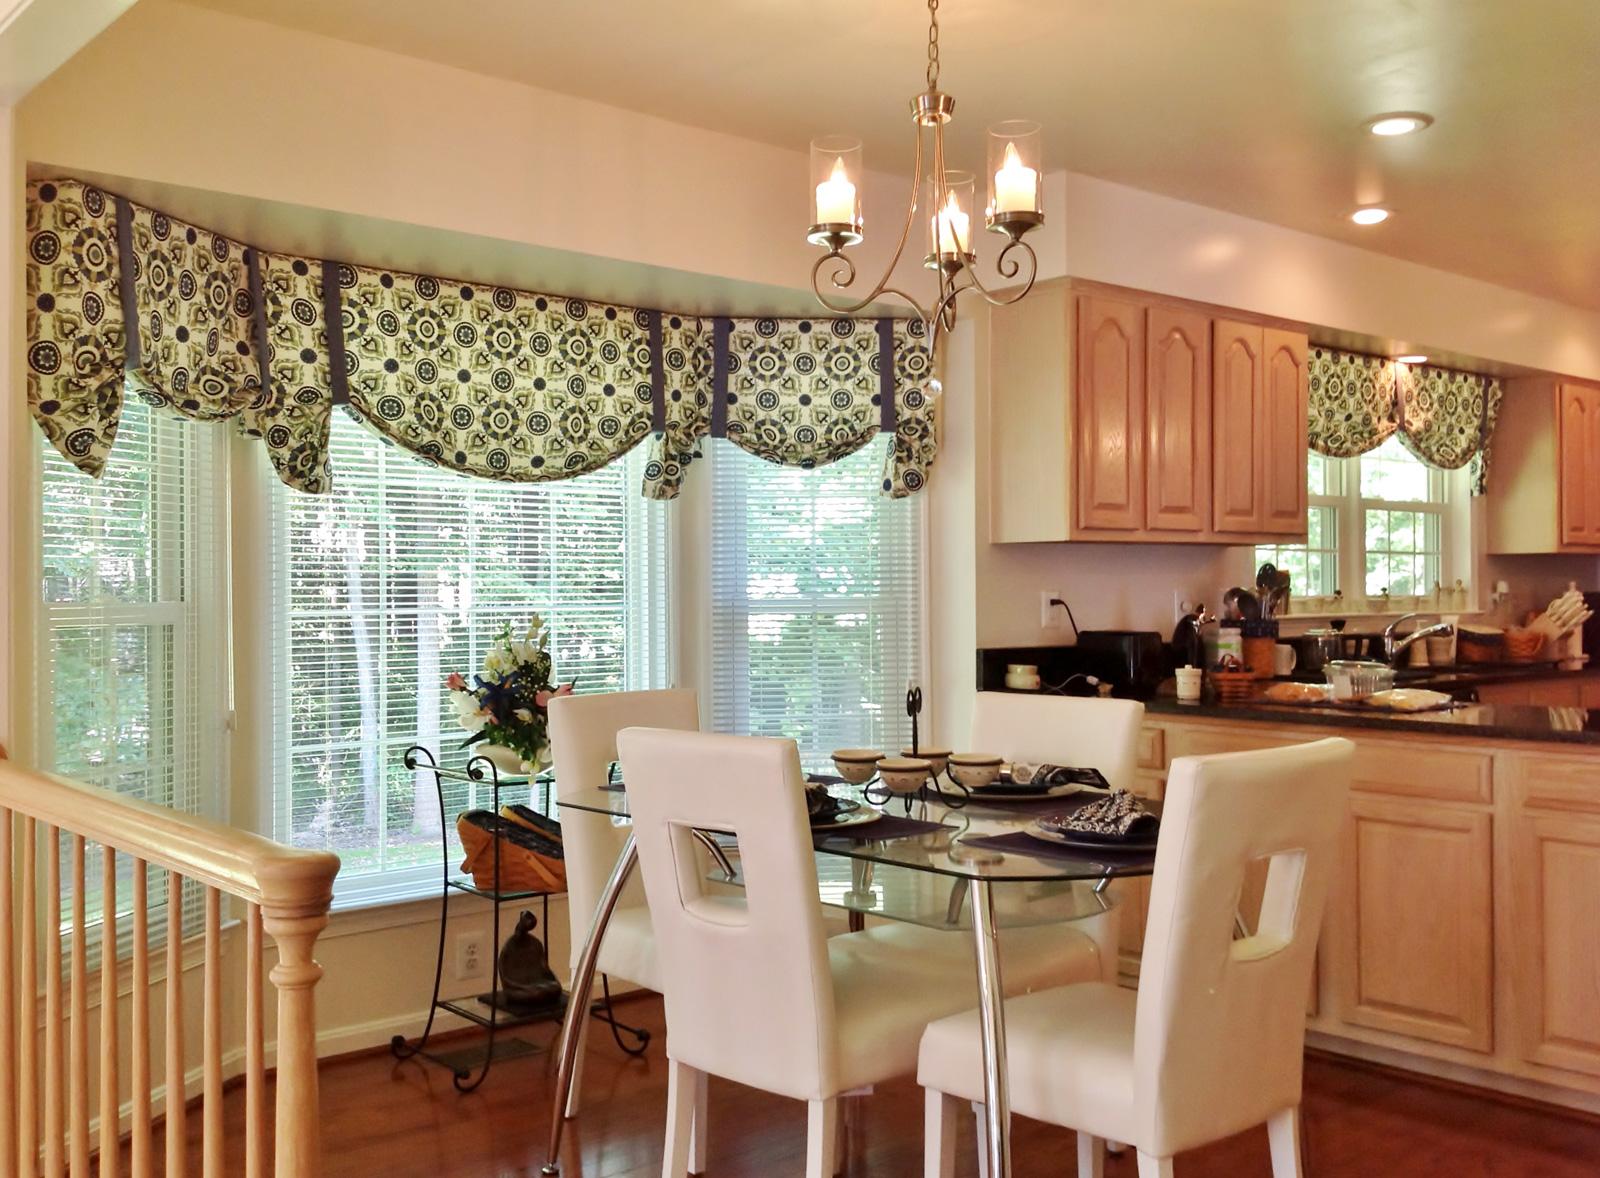 Белые горизонтальные жалюзи и тканевые шторы на кухне